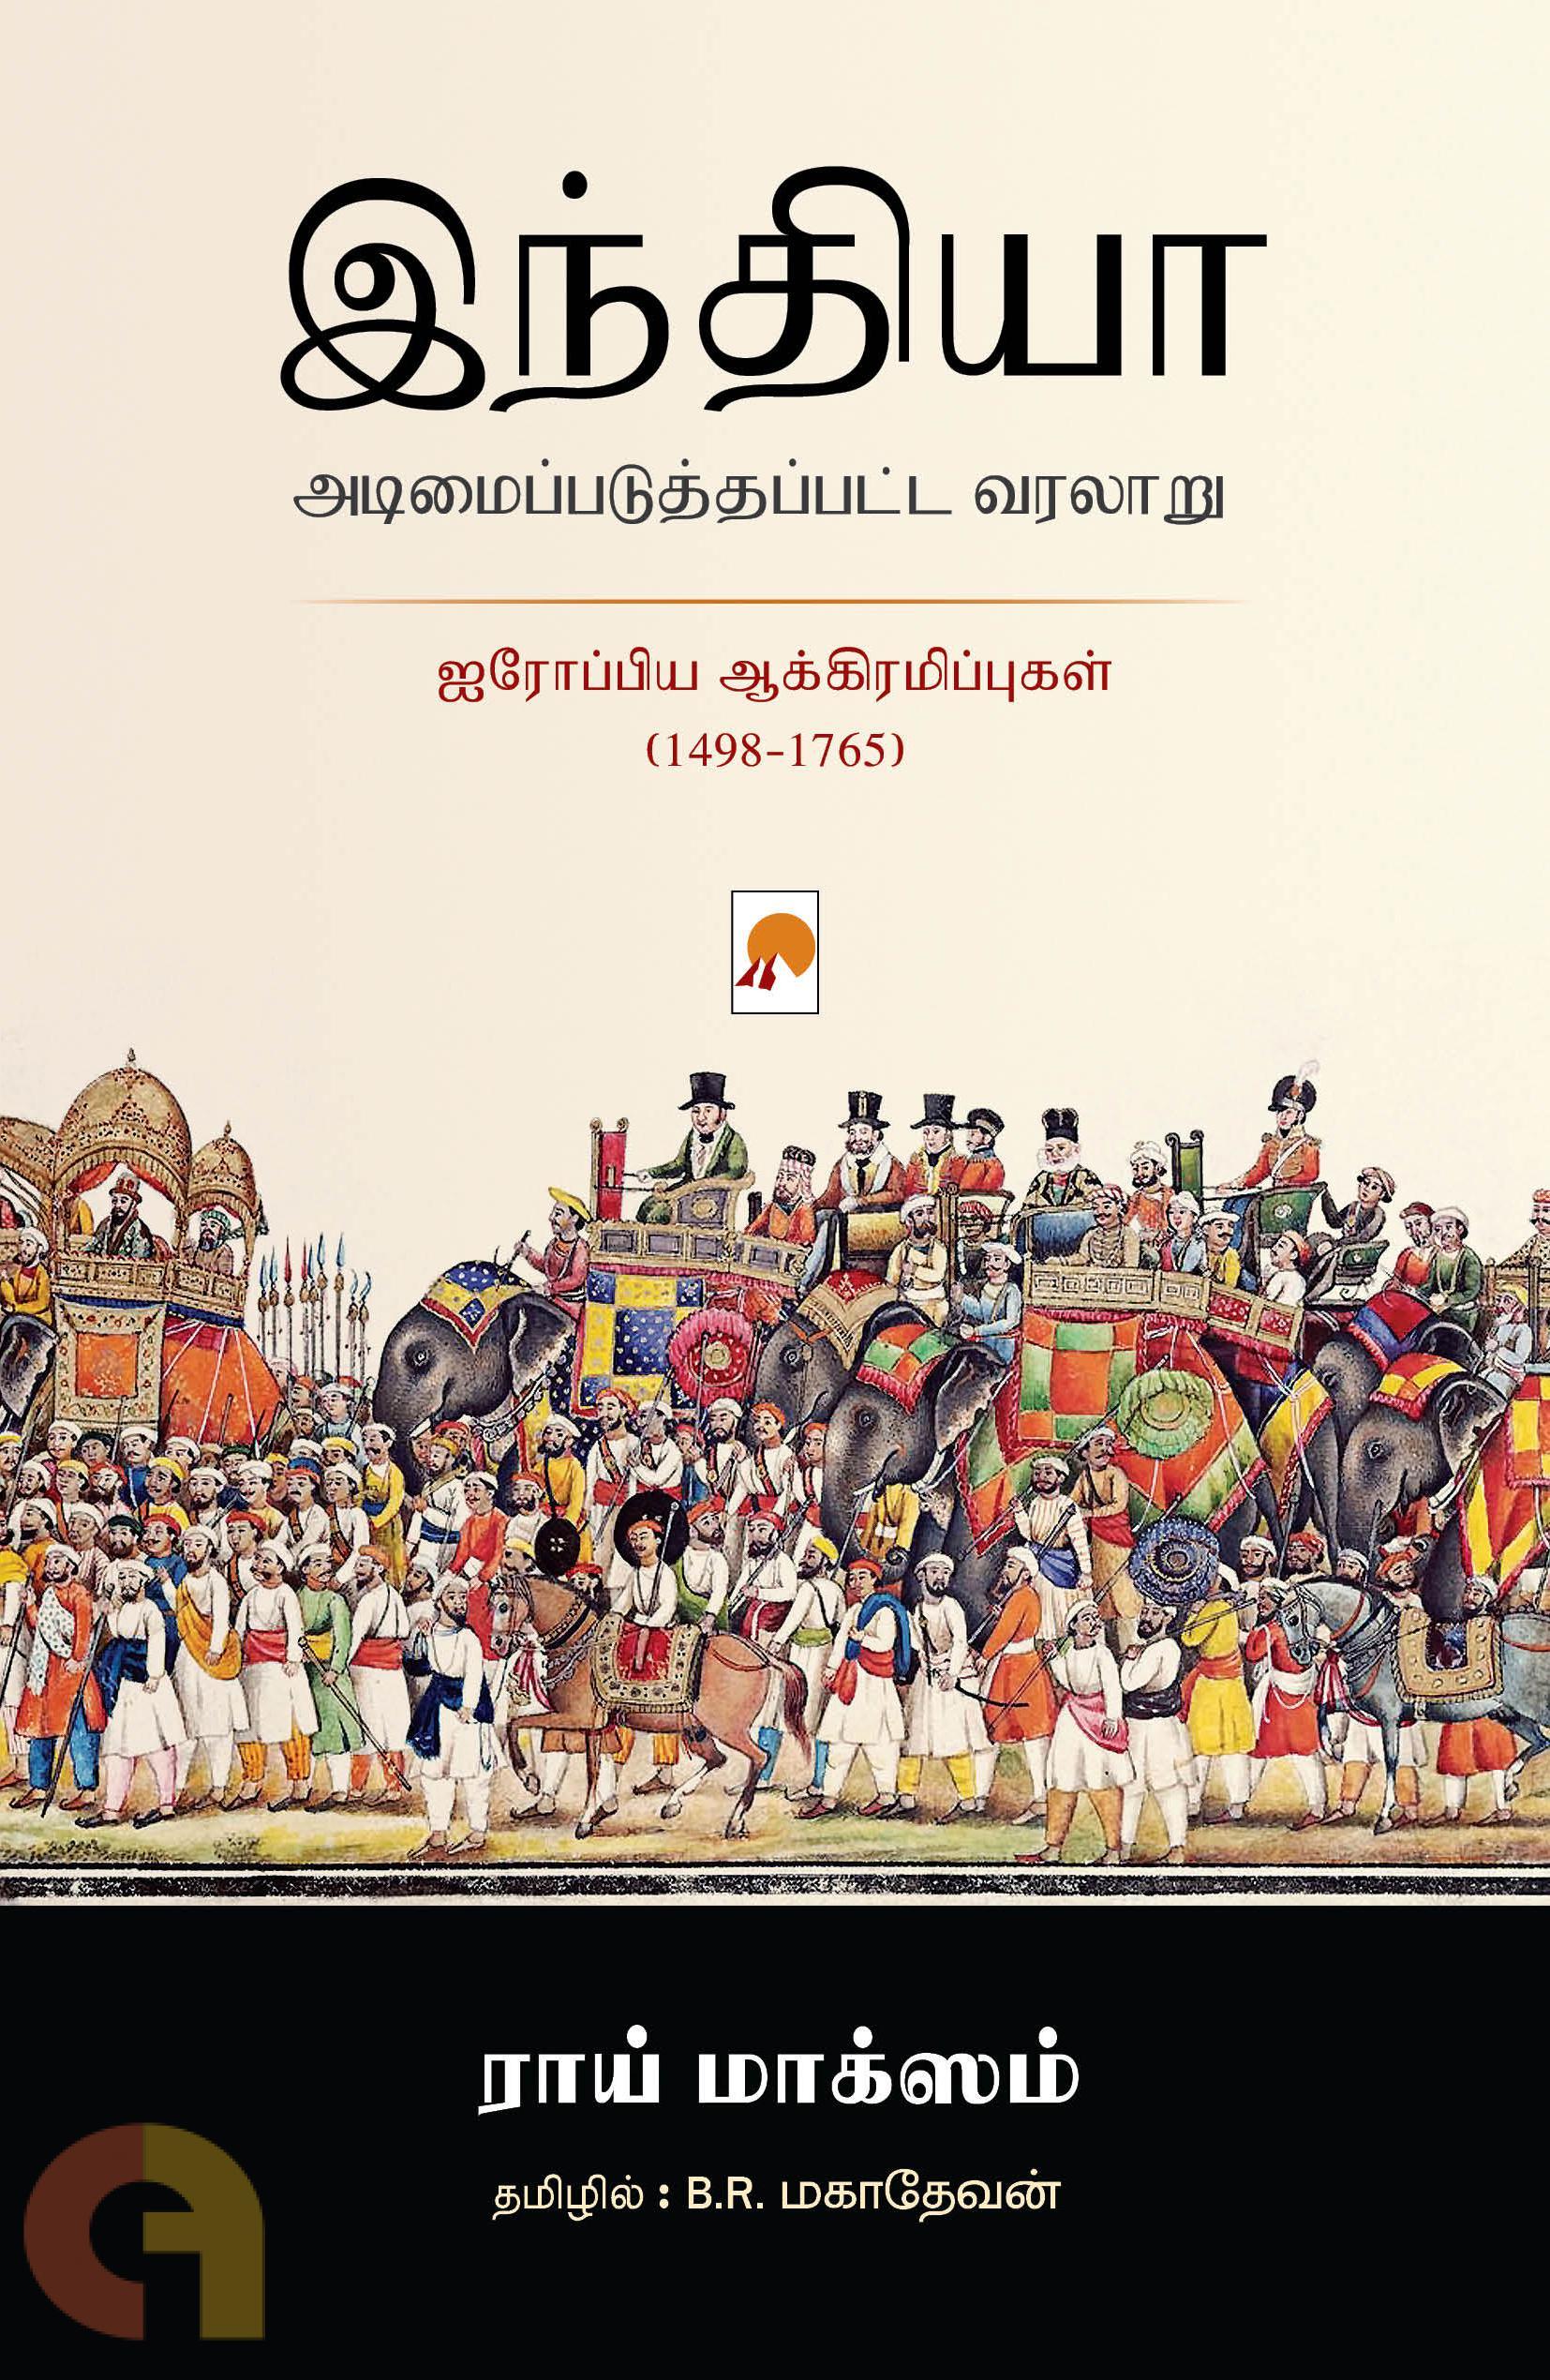 இந்தியா அடிமைப்படுத்தப்பட்ட வரலாறு